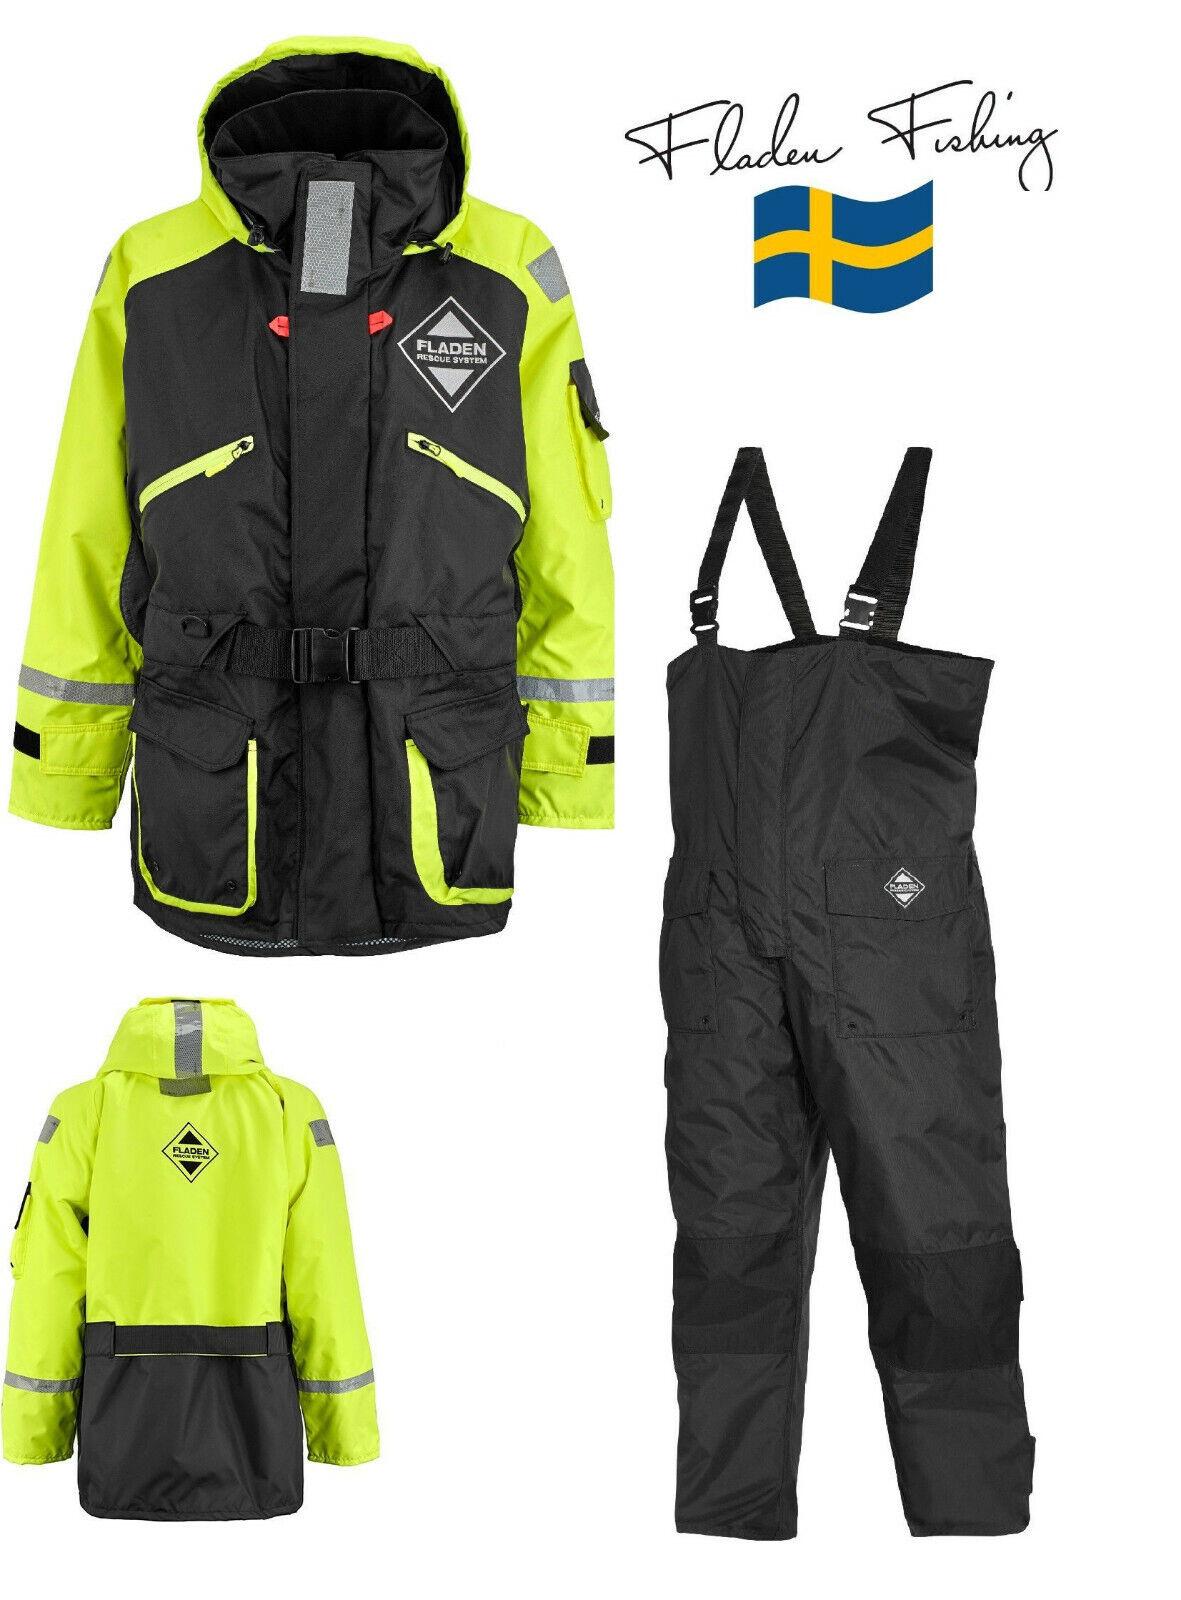 FLADEN Schwimmanzug  846XY - Flotation Jacket + Hose. Auch einzeln.  compra limitada